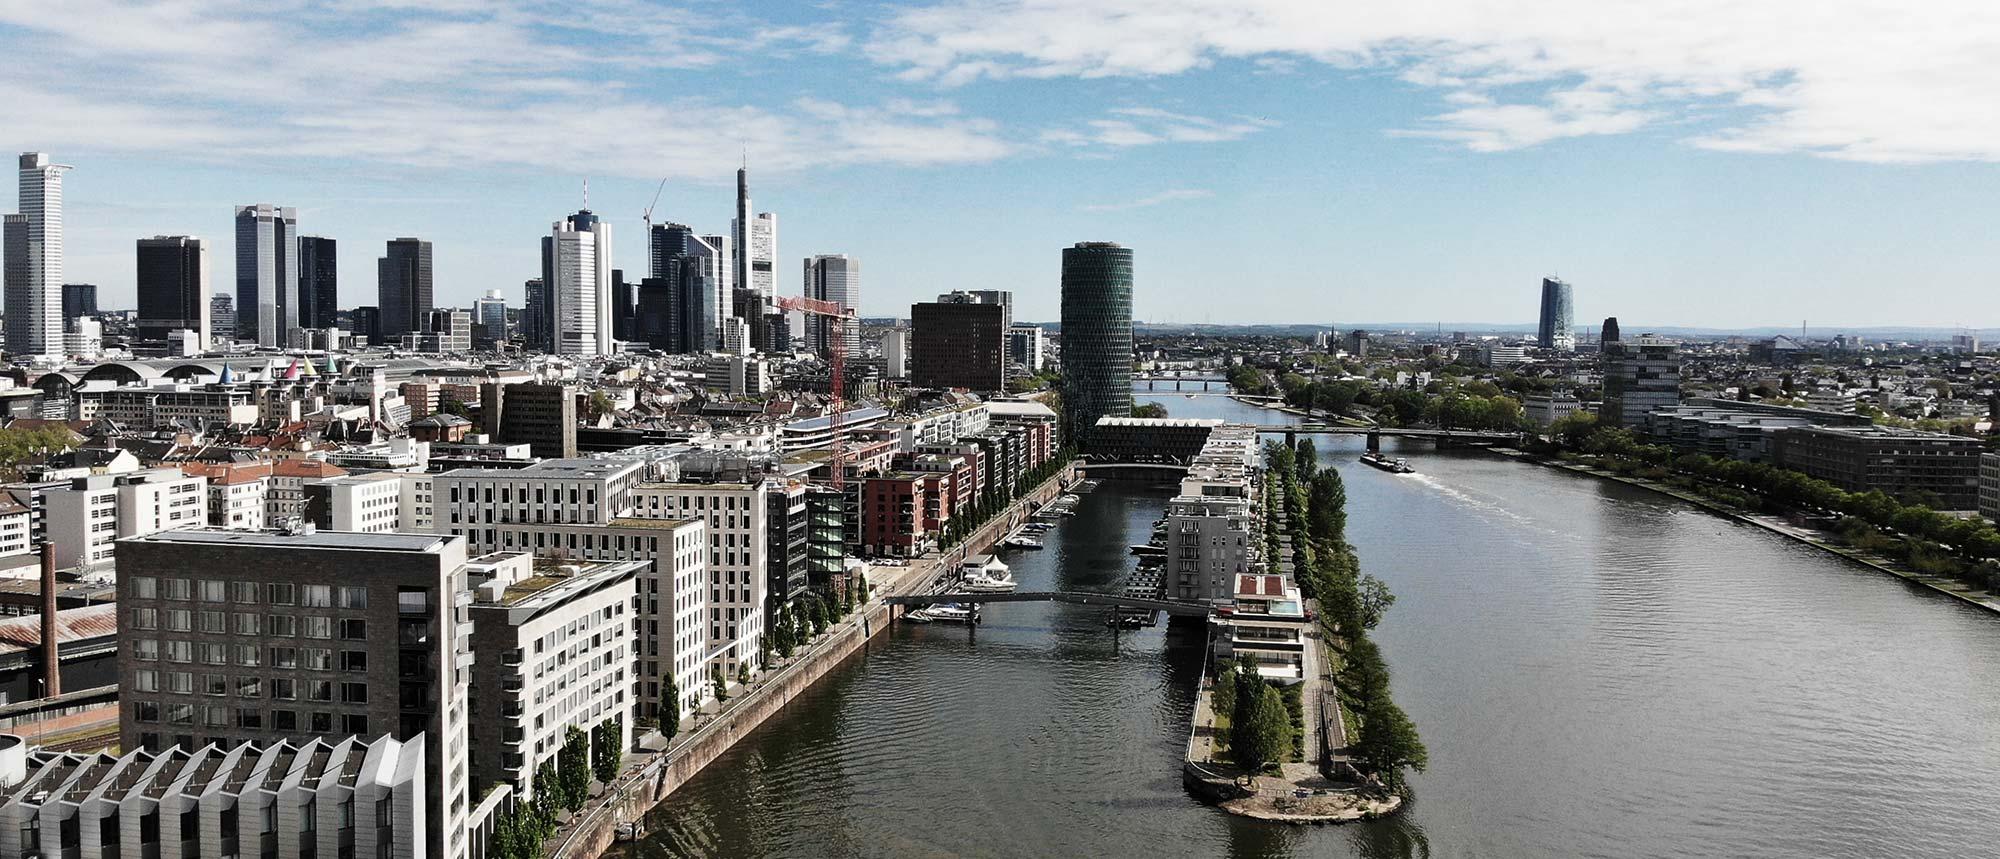 Frankfurt Westhafen - Drohnenflug über dem Main und neben einer Bahnlinie - Luftaufnahme Skyline Frankfurt - Mainufer - Luftbild Frankfurt mit DJI Drohne fotografiert